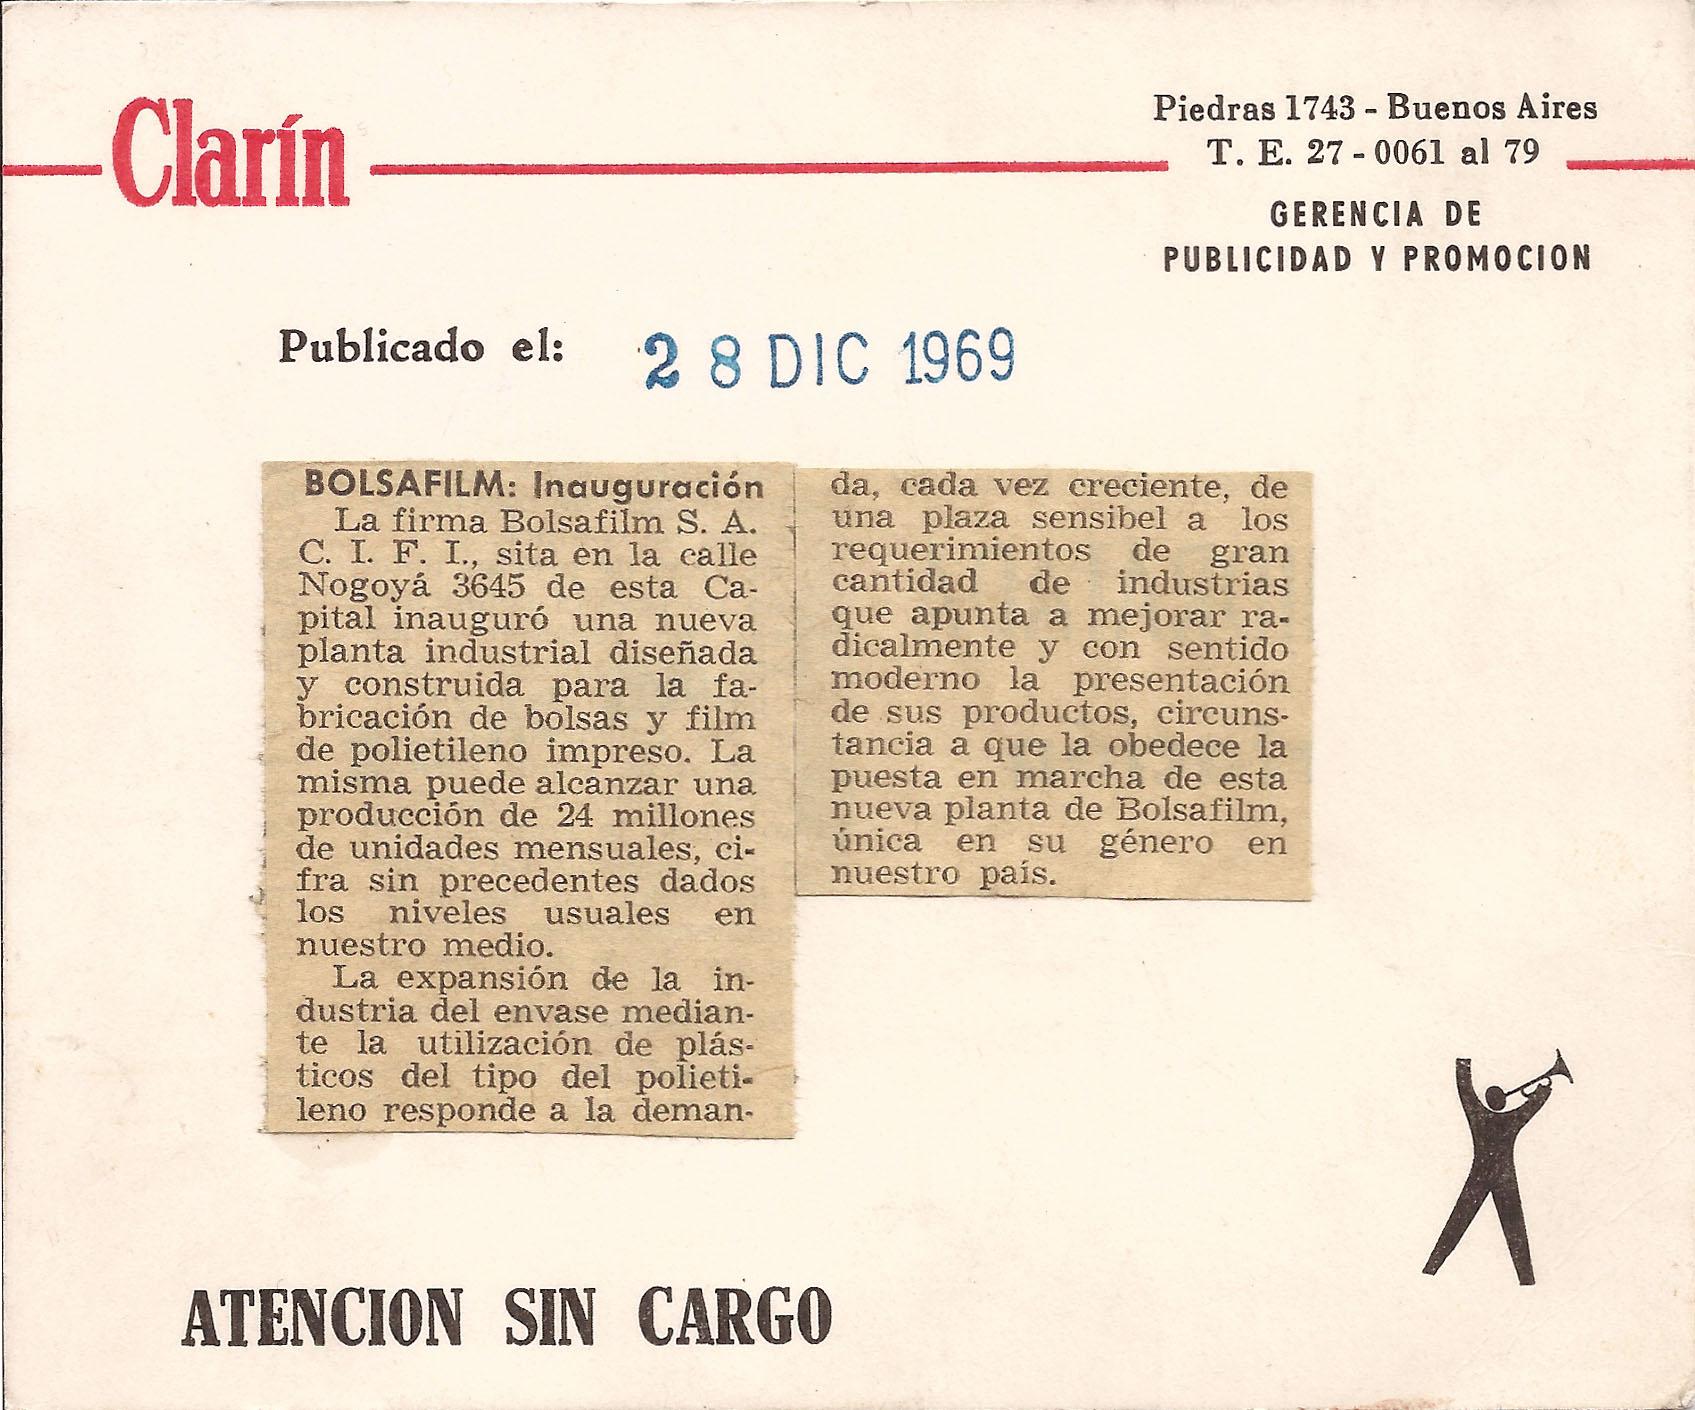 diario clarin bolsafilm - Bolsafilm S.A. - Fabrica de Envases flexibles